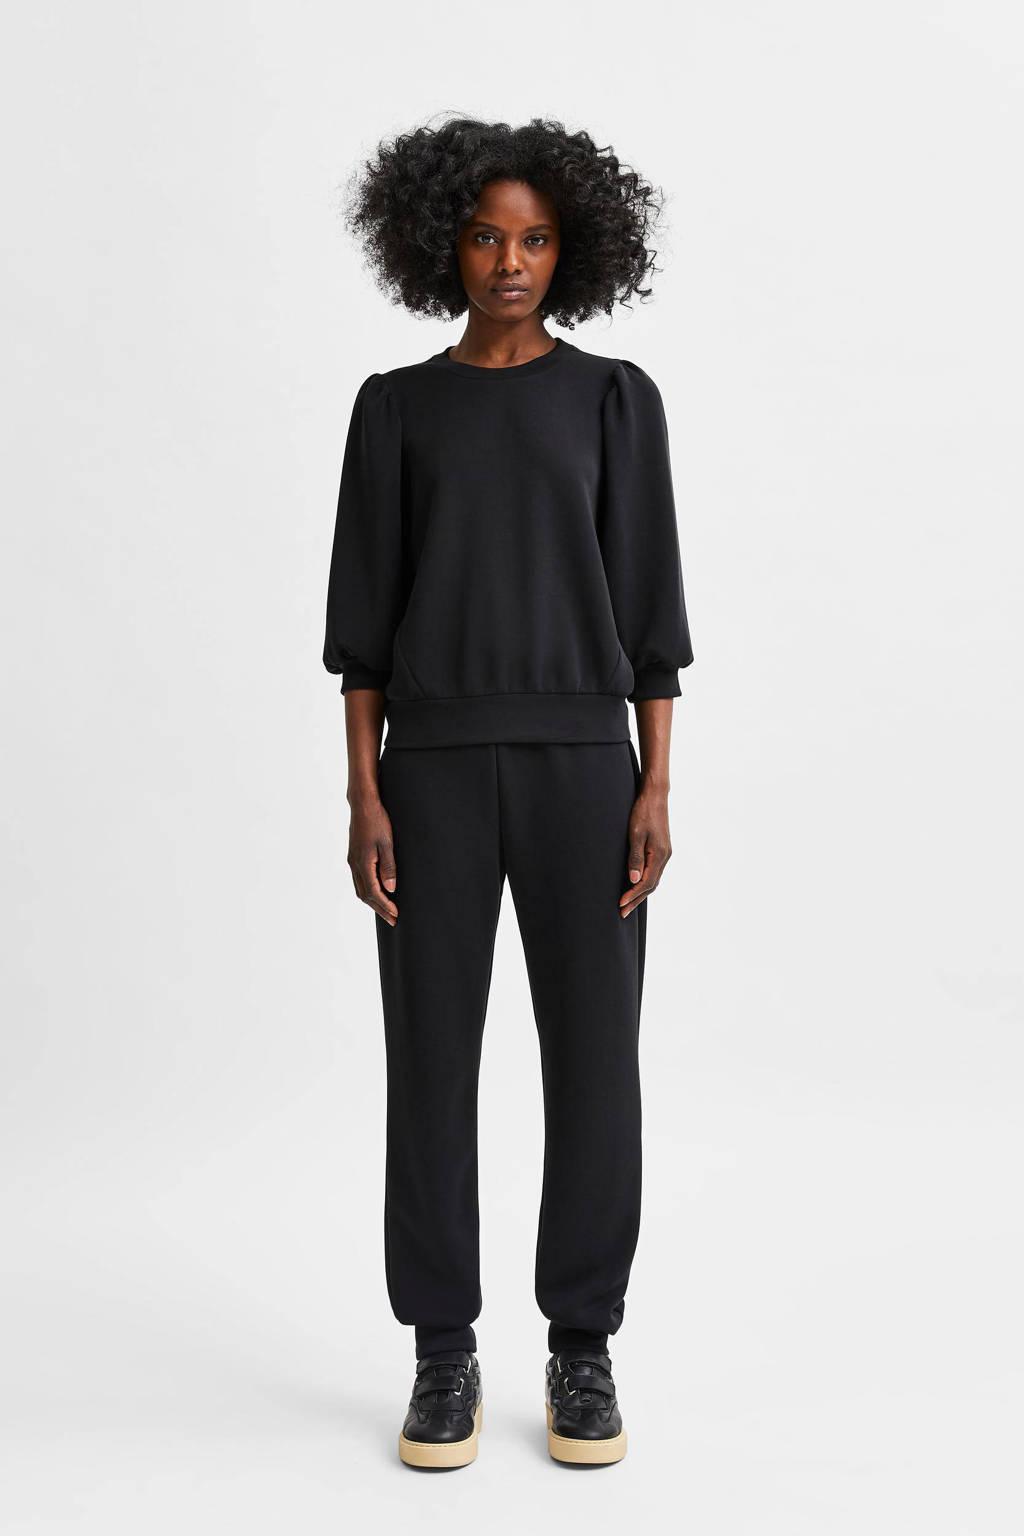 SELECTED FEMME trui SLFTENNY  zwart, Zwart